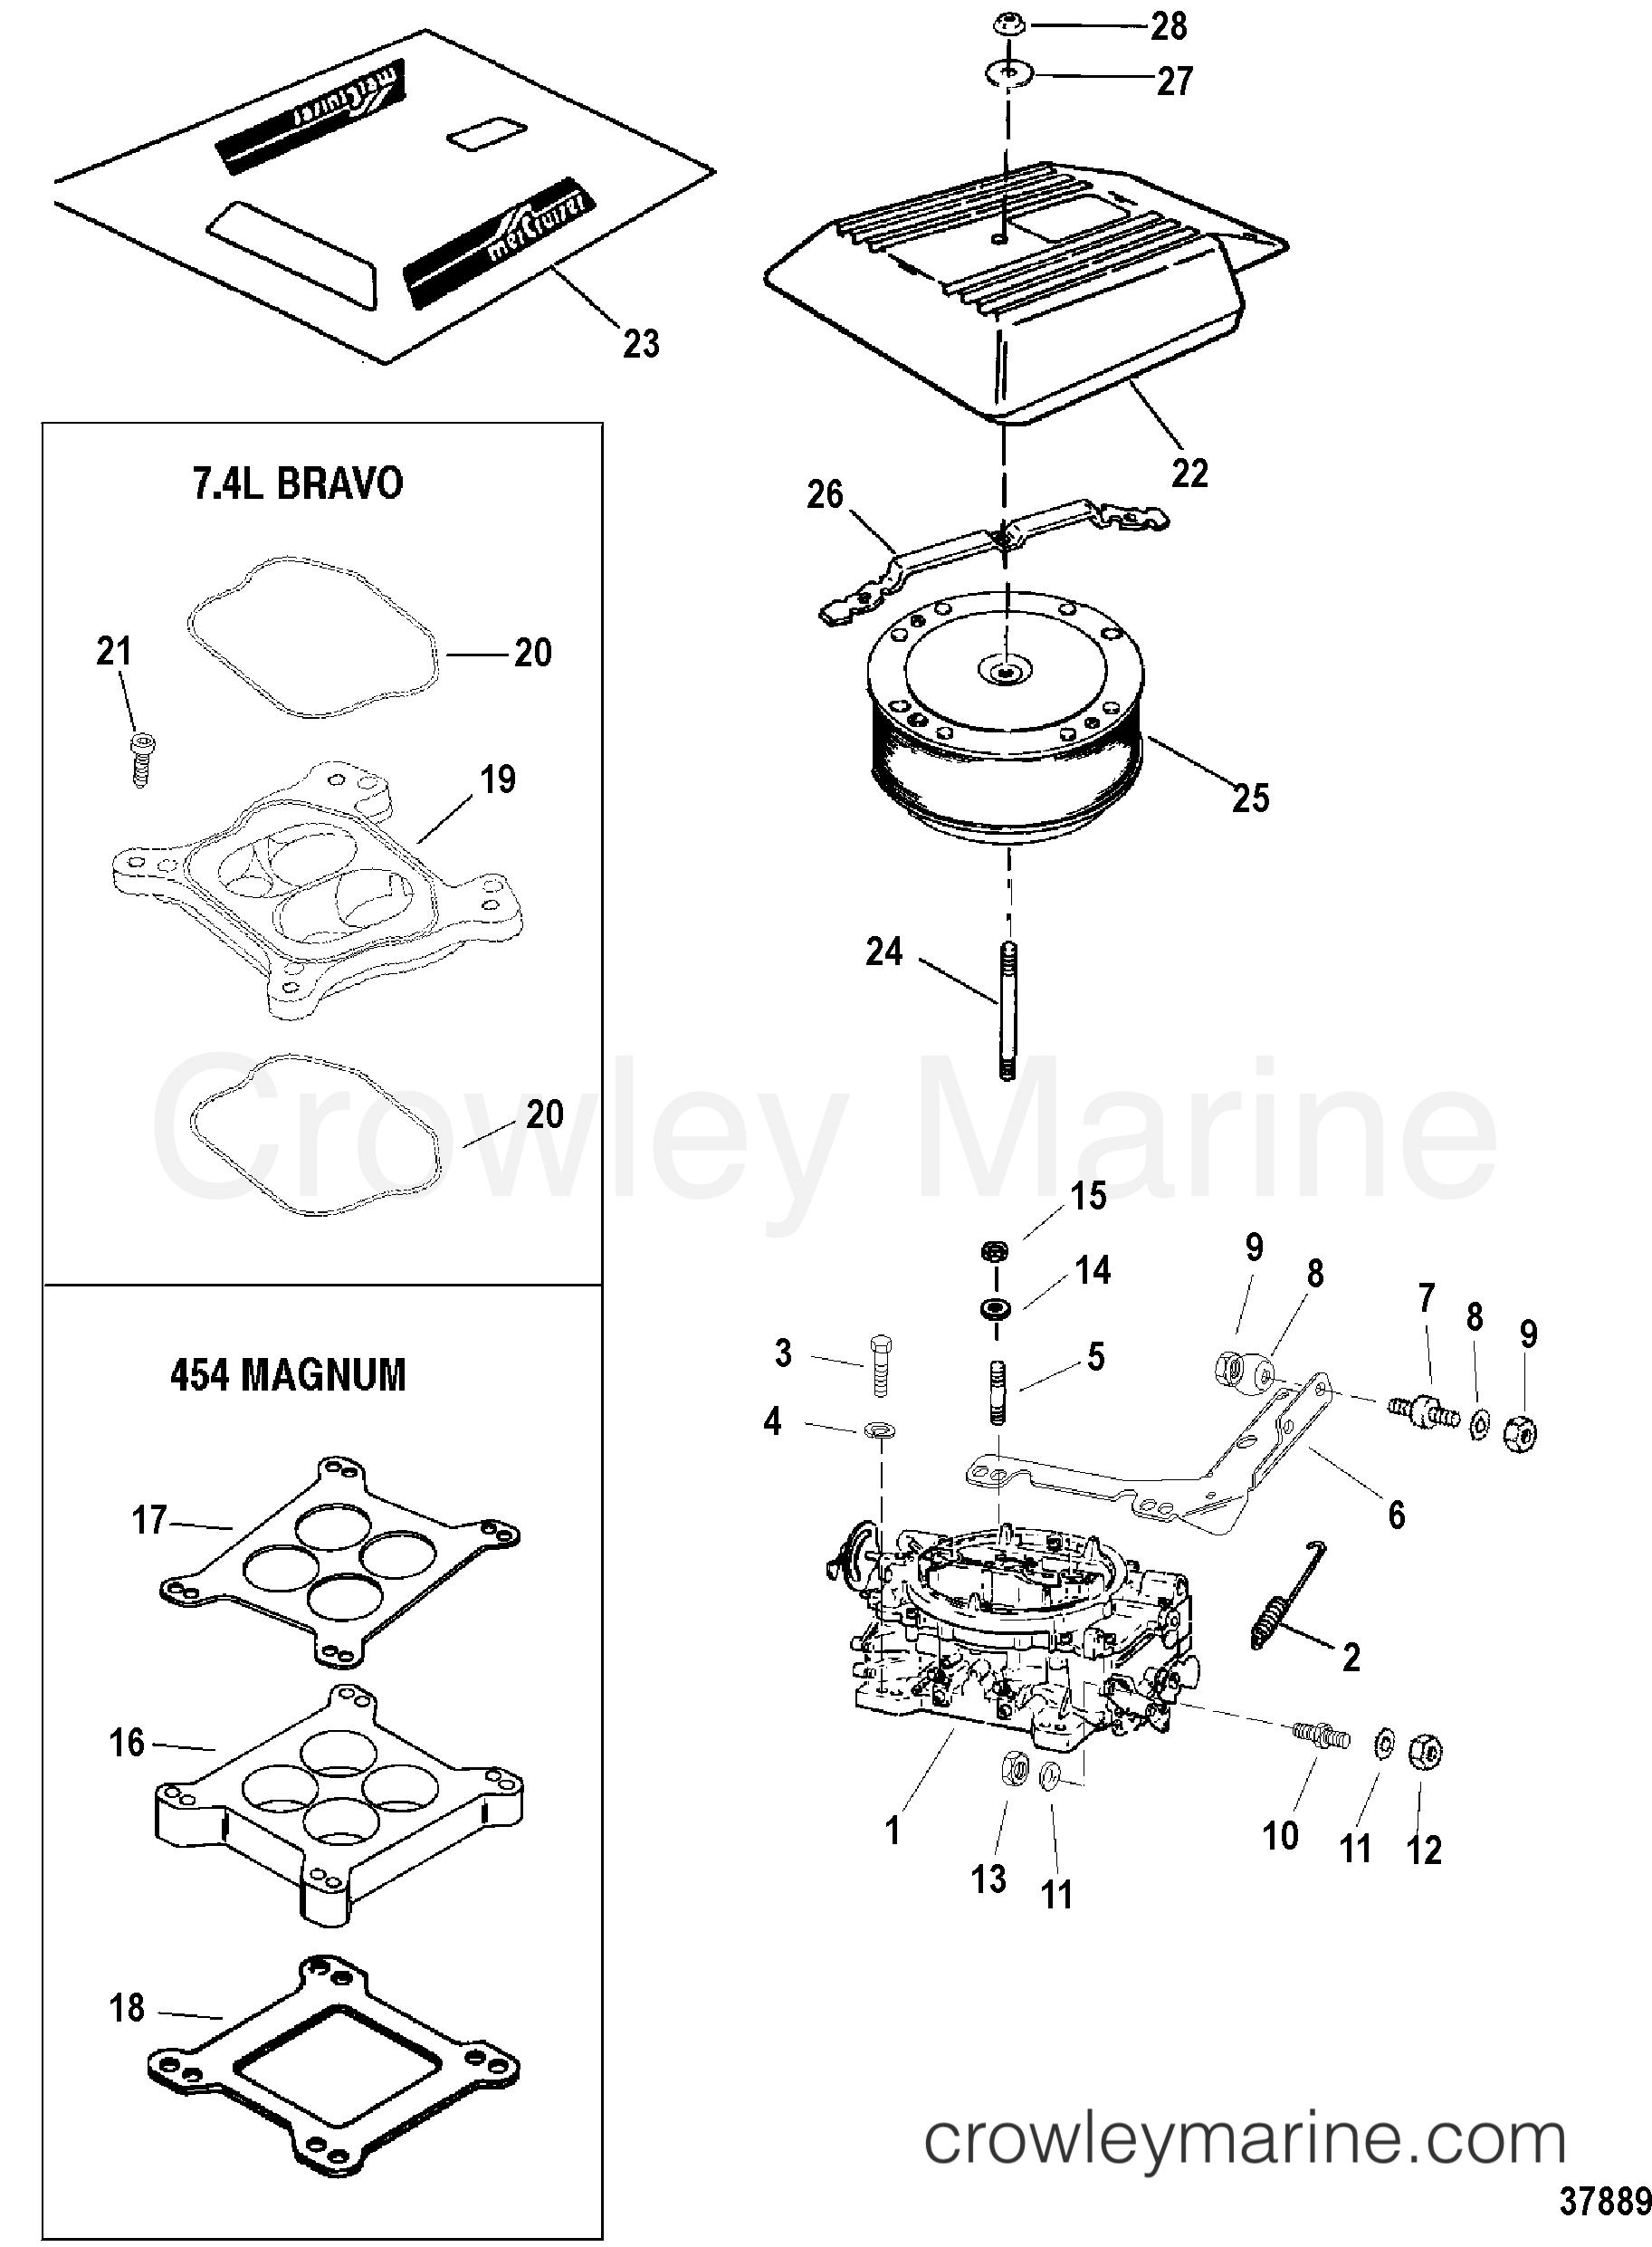 carburetor and flame arrestor